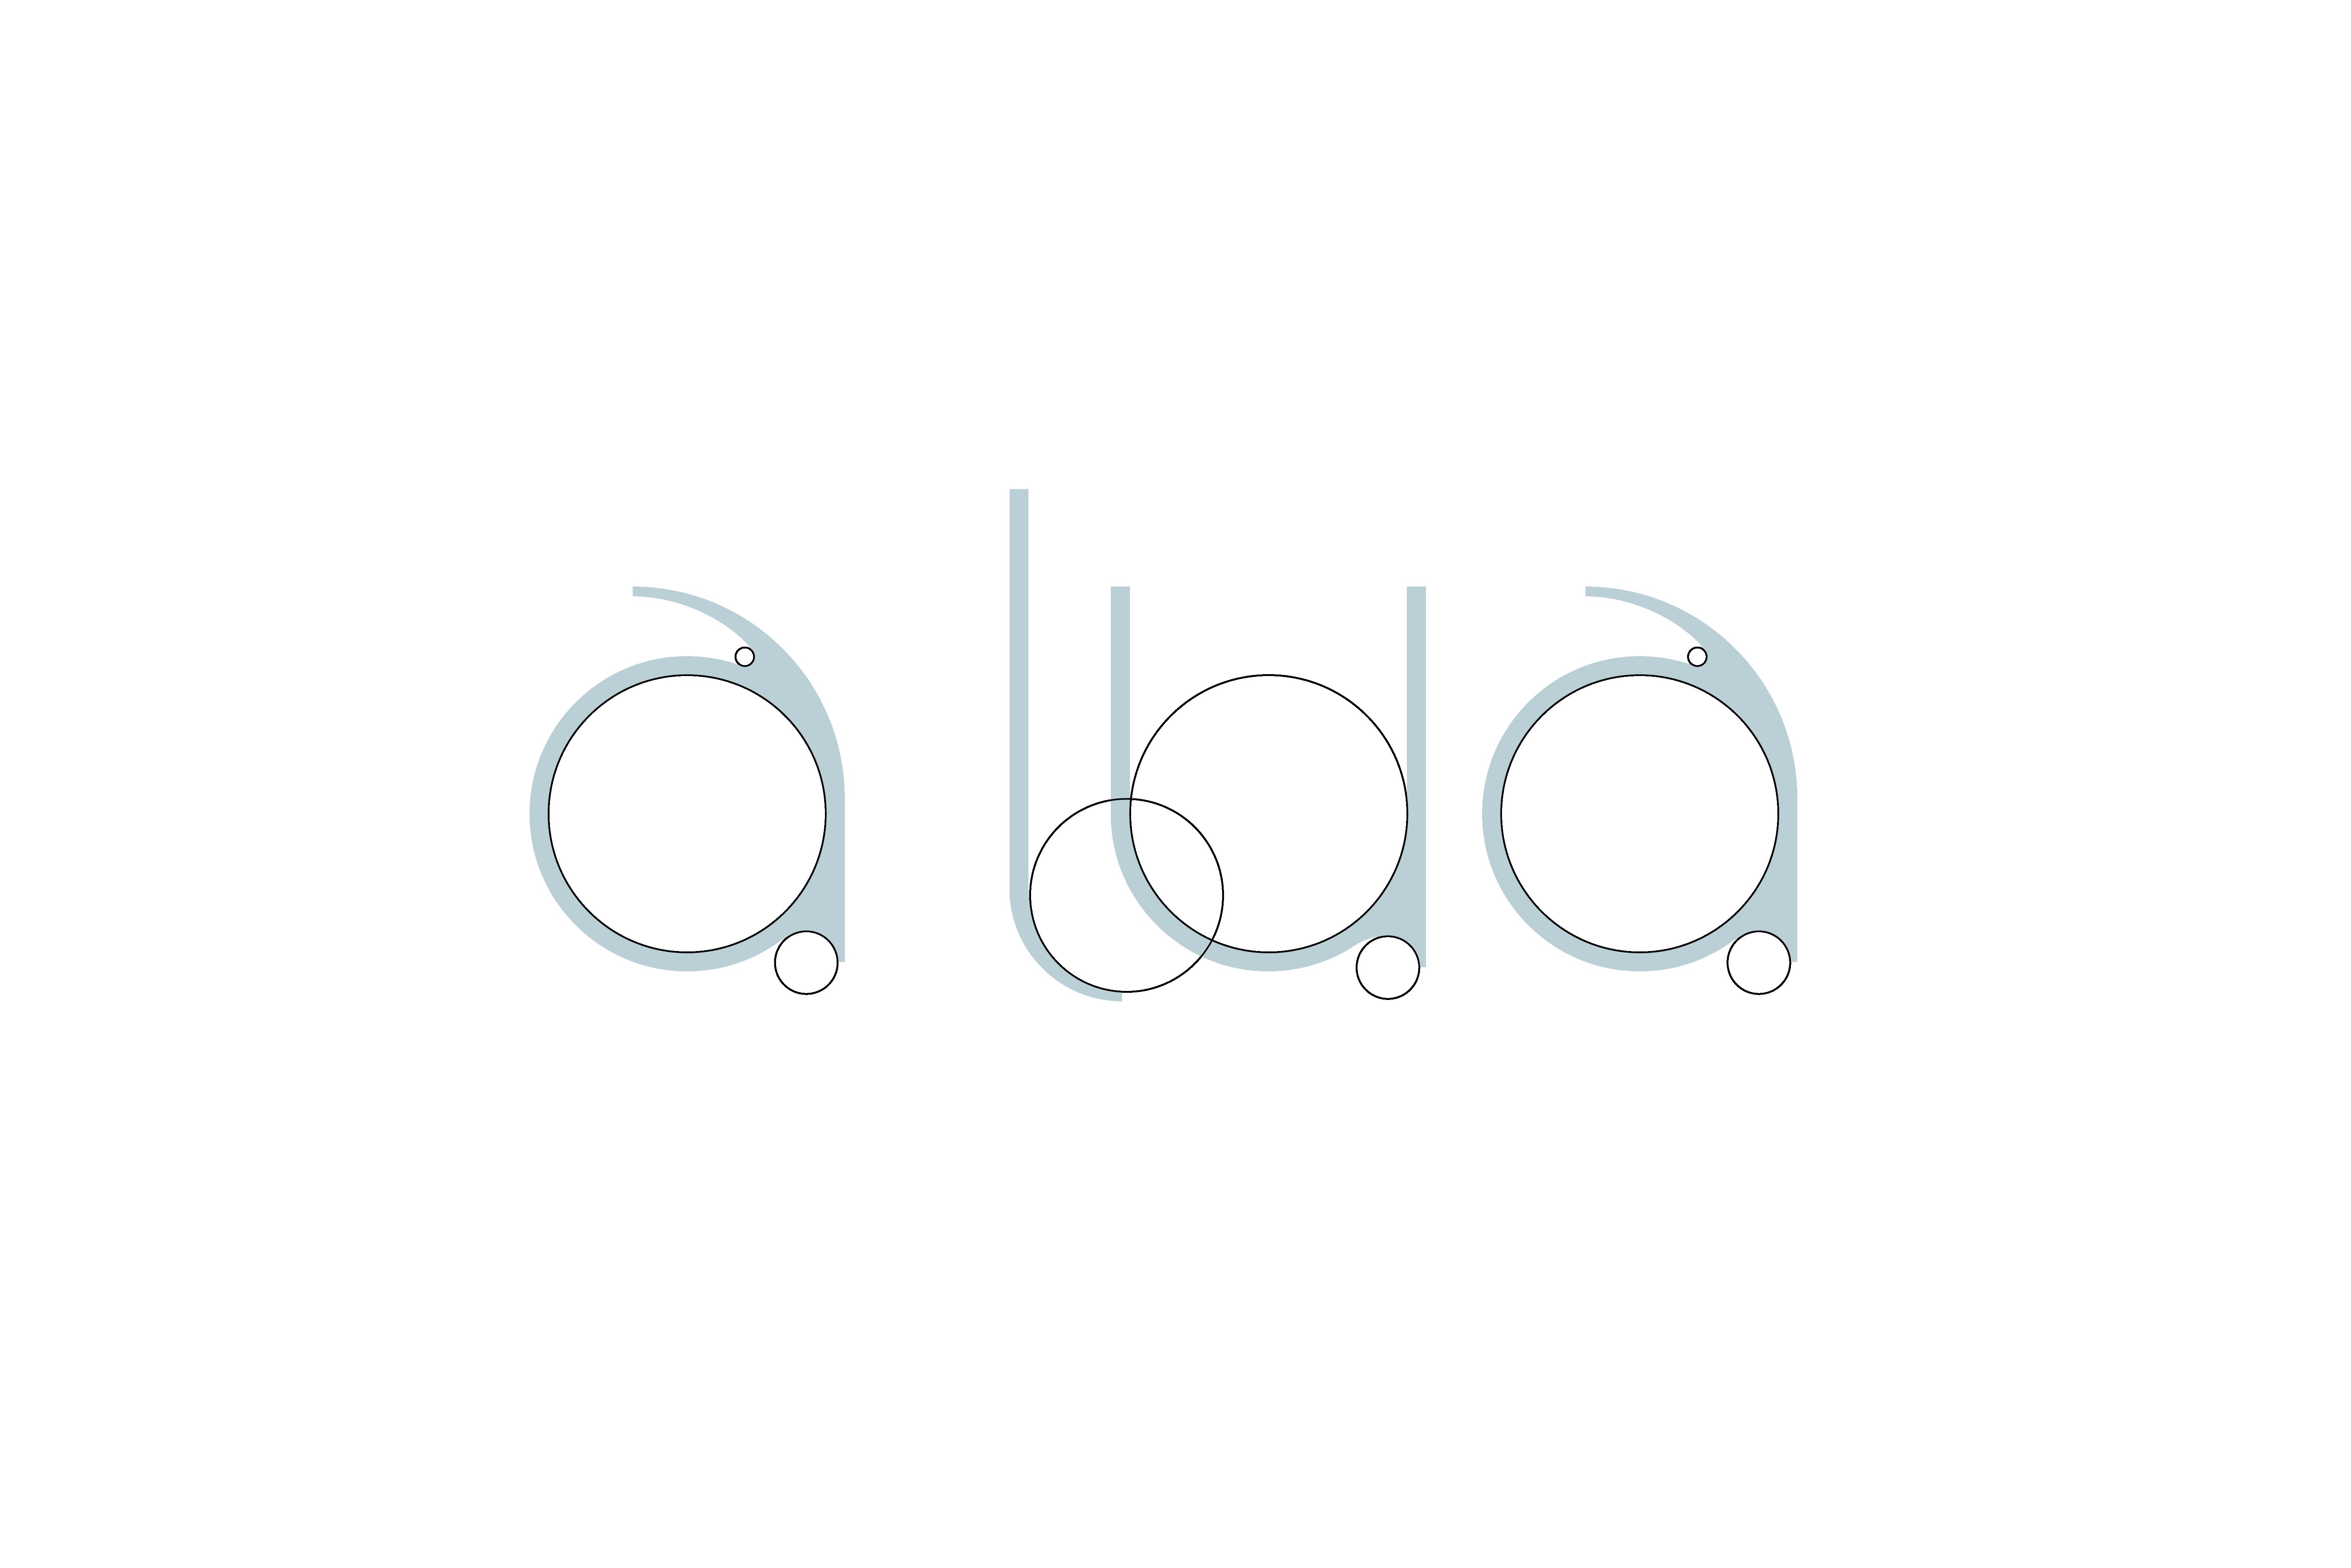 A Lua logo construction